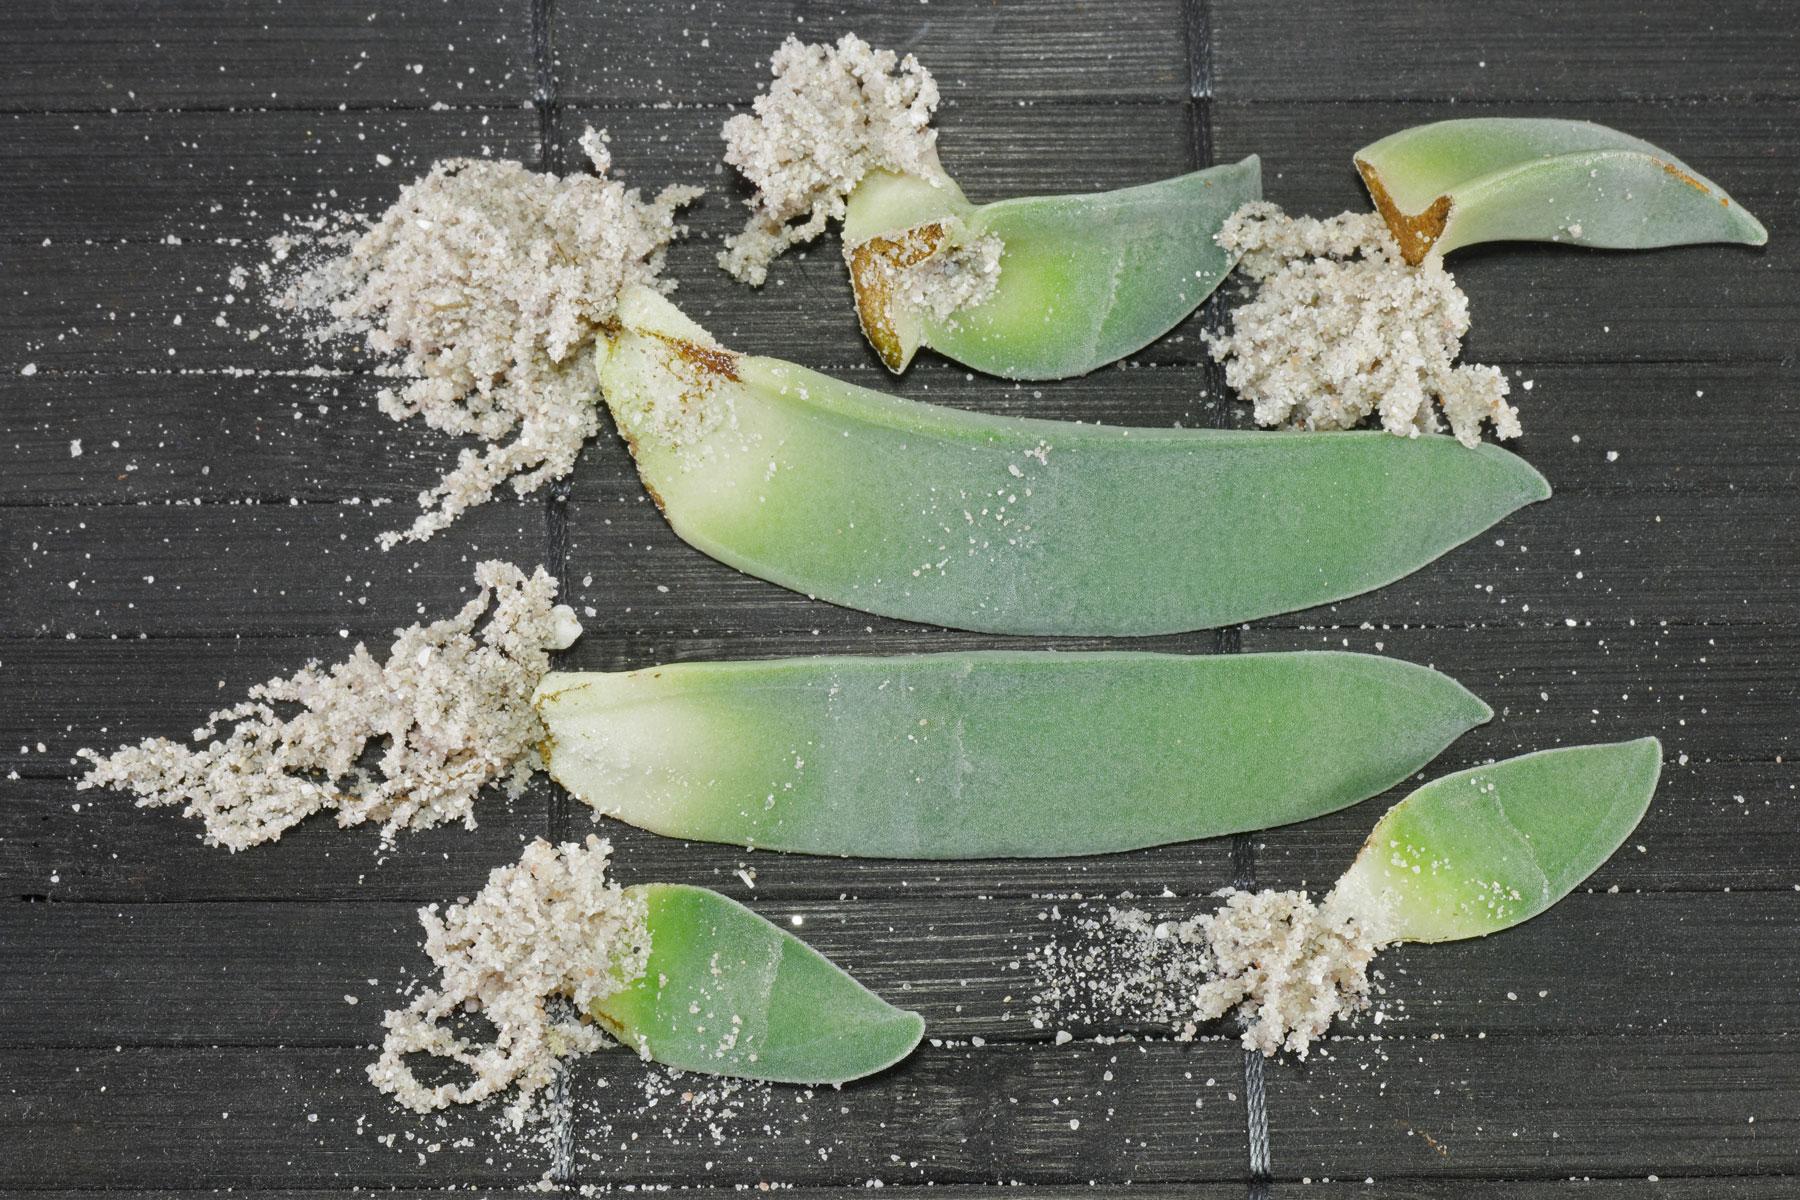 Propellerpflanzen Blattstecklinge